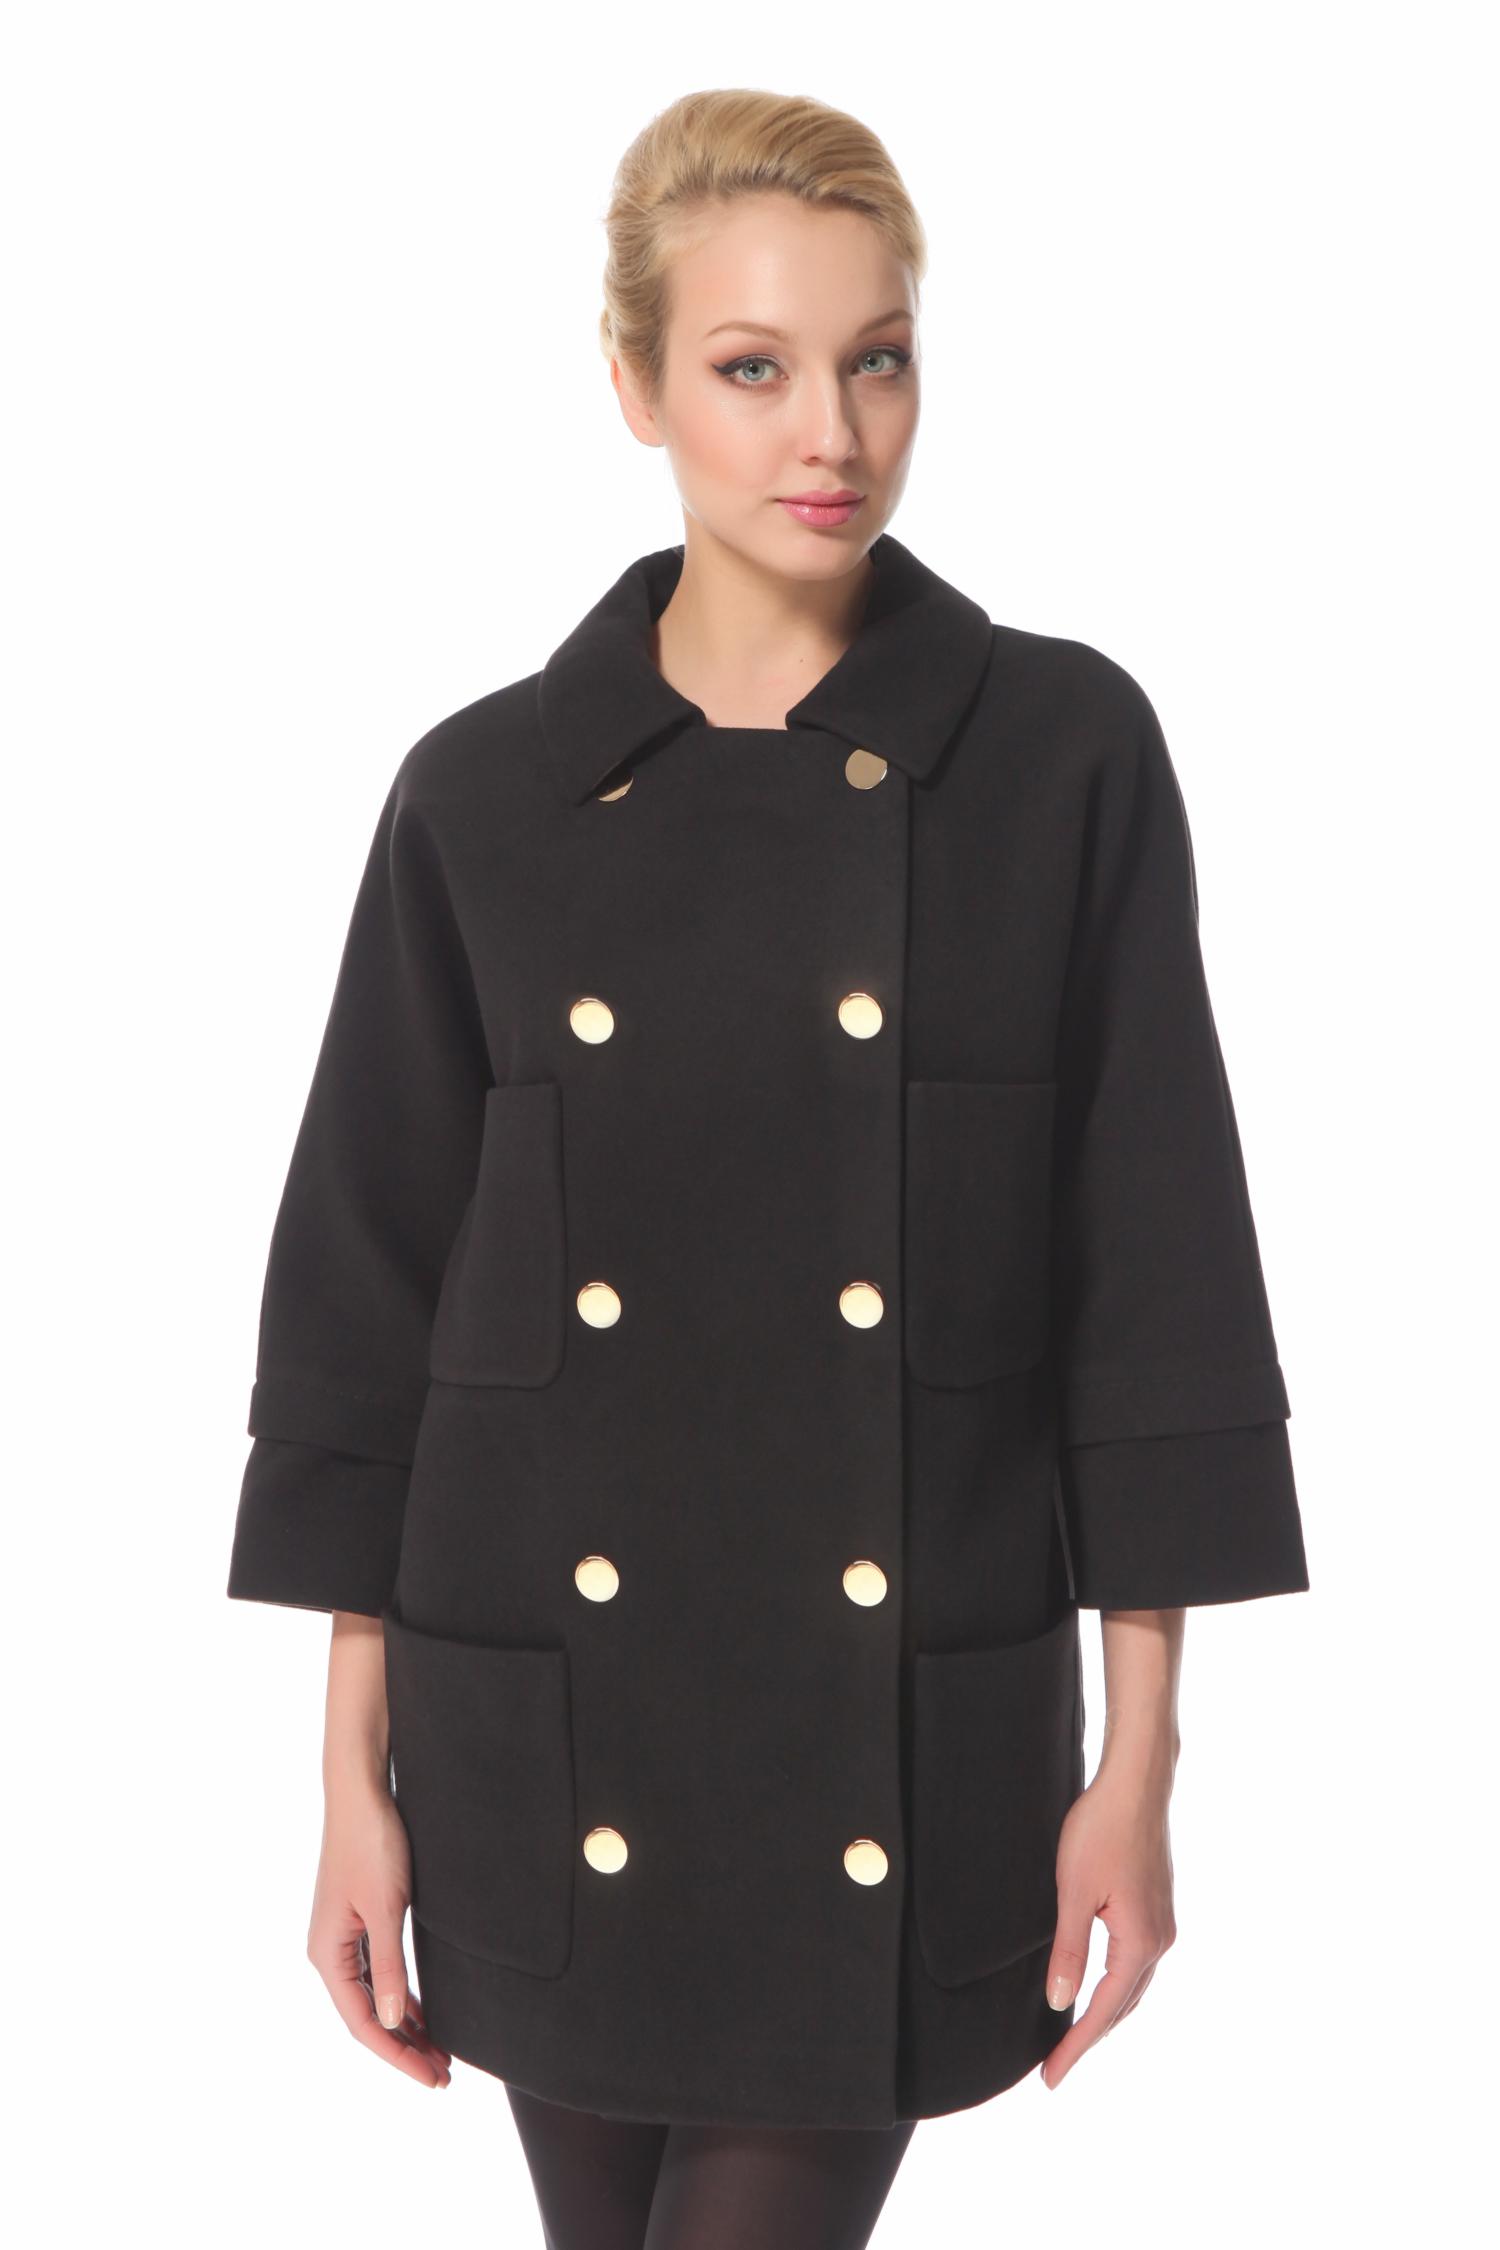 Женское пальто из текстиля с воротником от МОСМЕХА